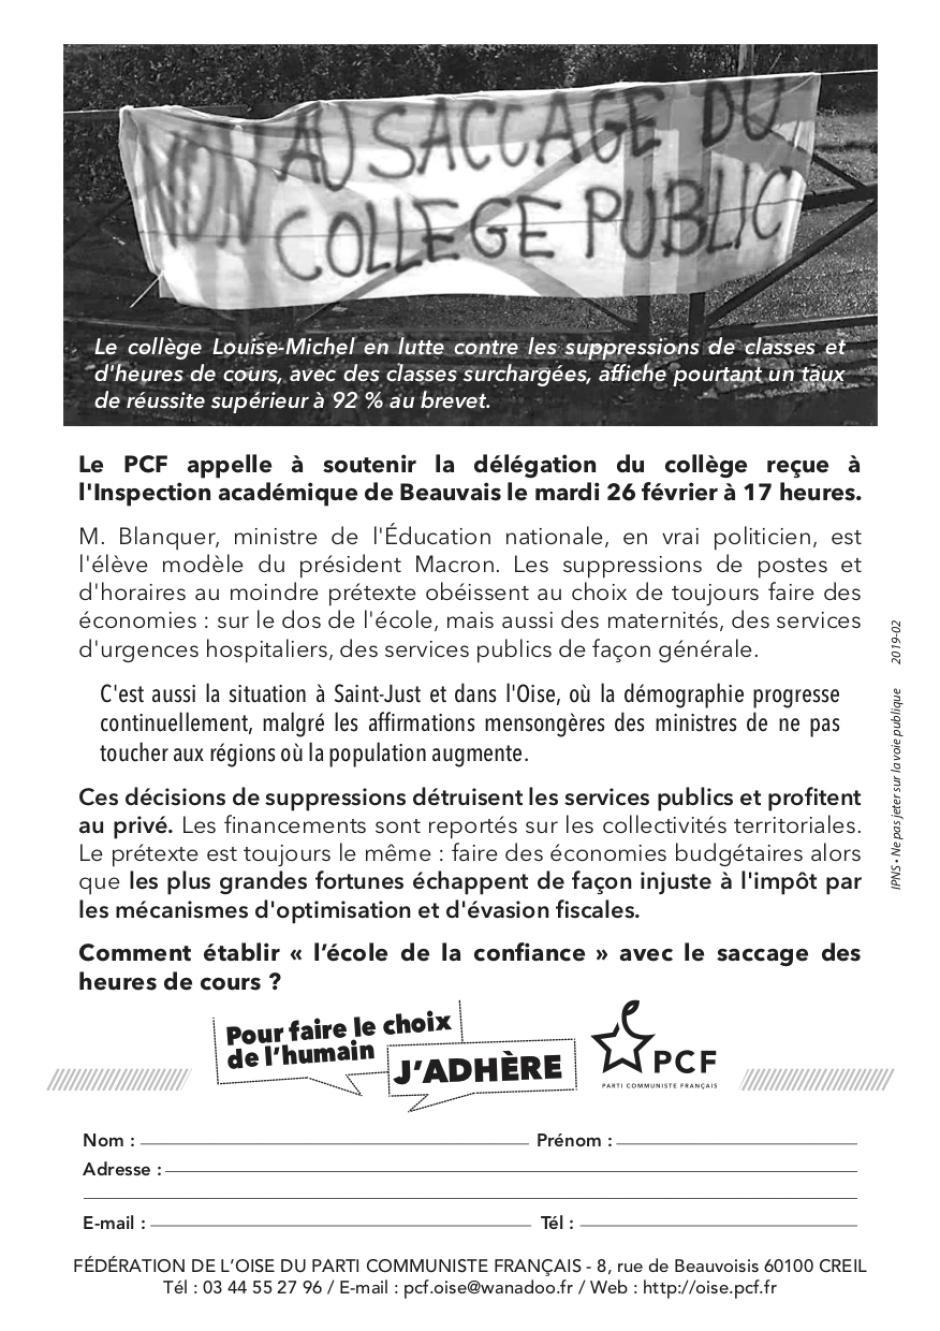 Flyer « Soutien à la délégation du collège Louise-Michel » - PCF Saint-Just-en-Chaussée, 26 février 2019